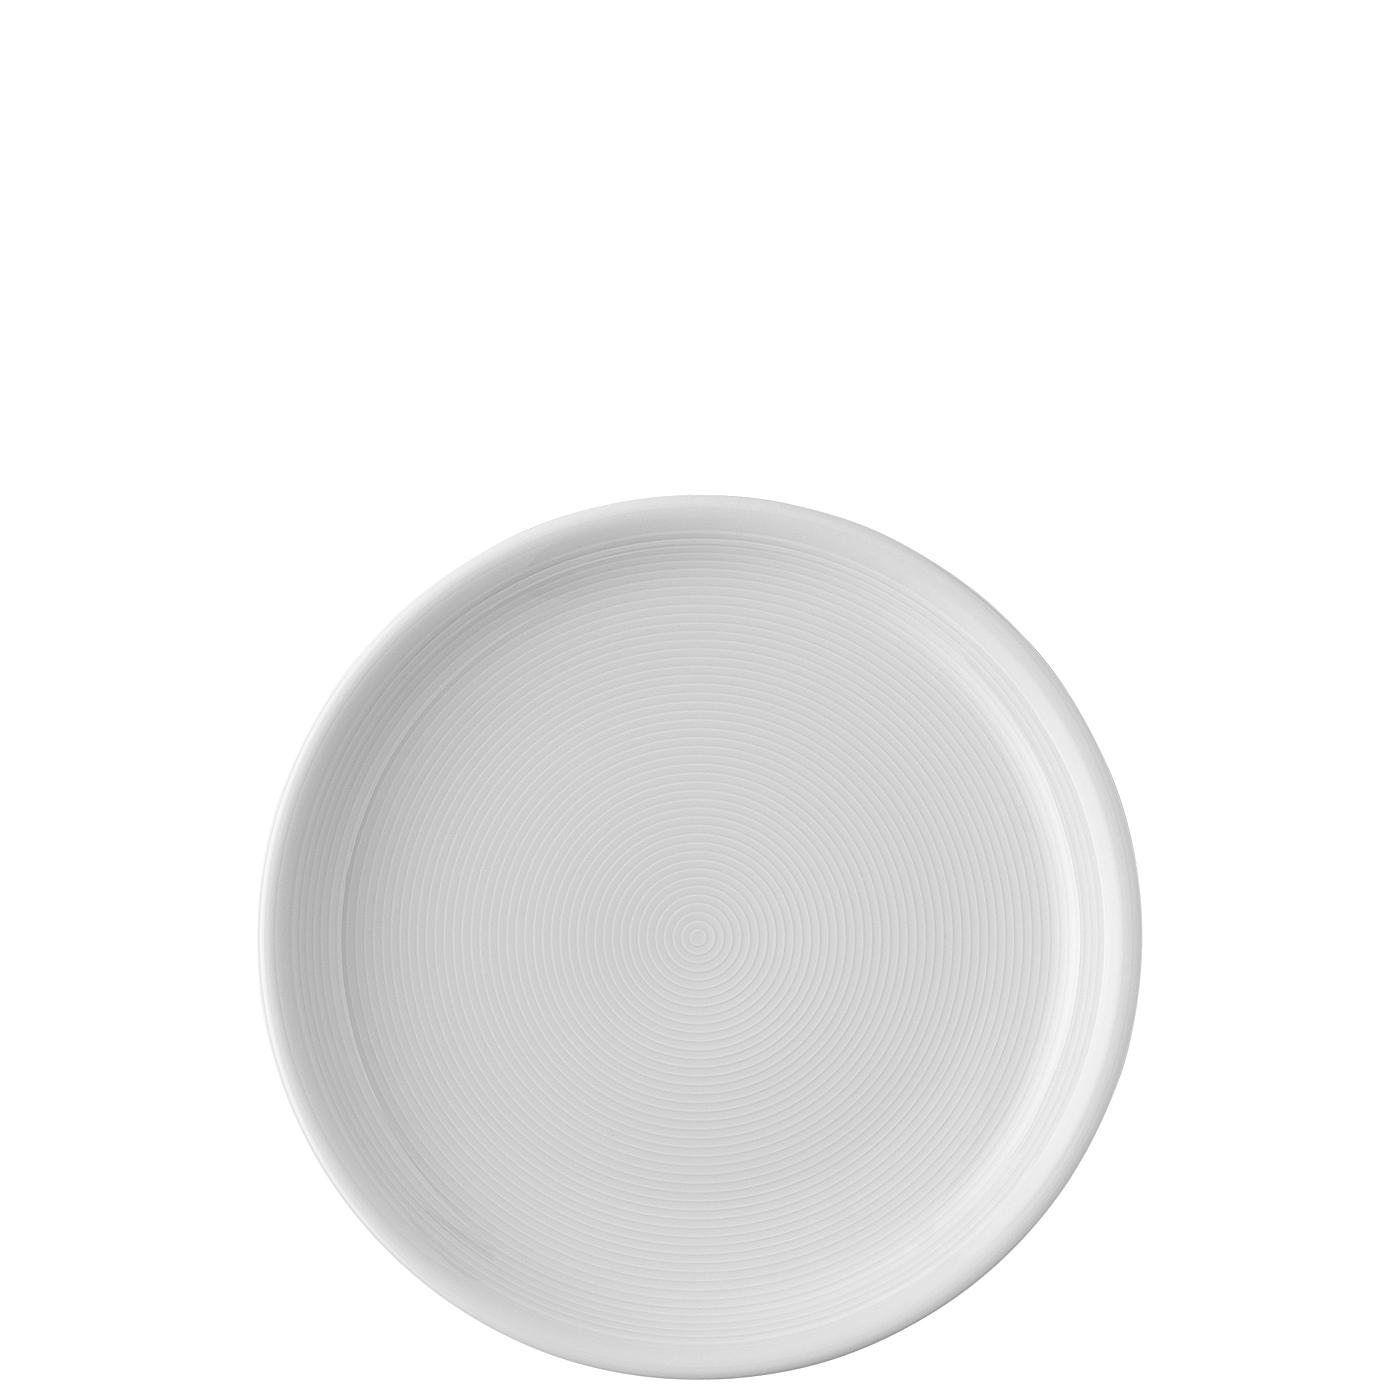 Frühstücksteller 22 cm Trend Weiss Thomas Porzellan